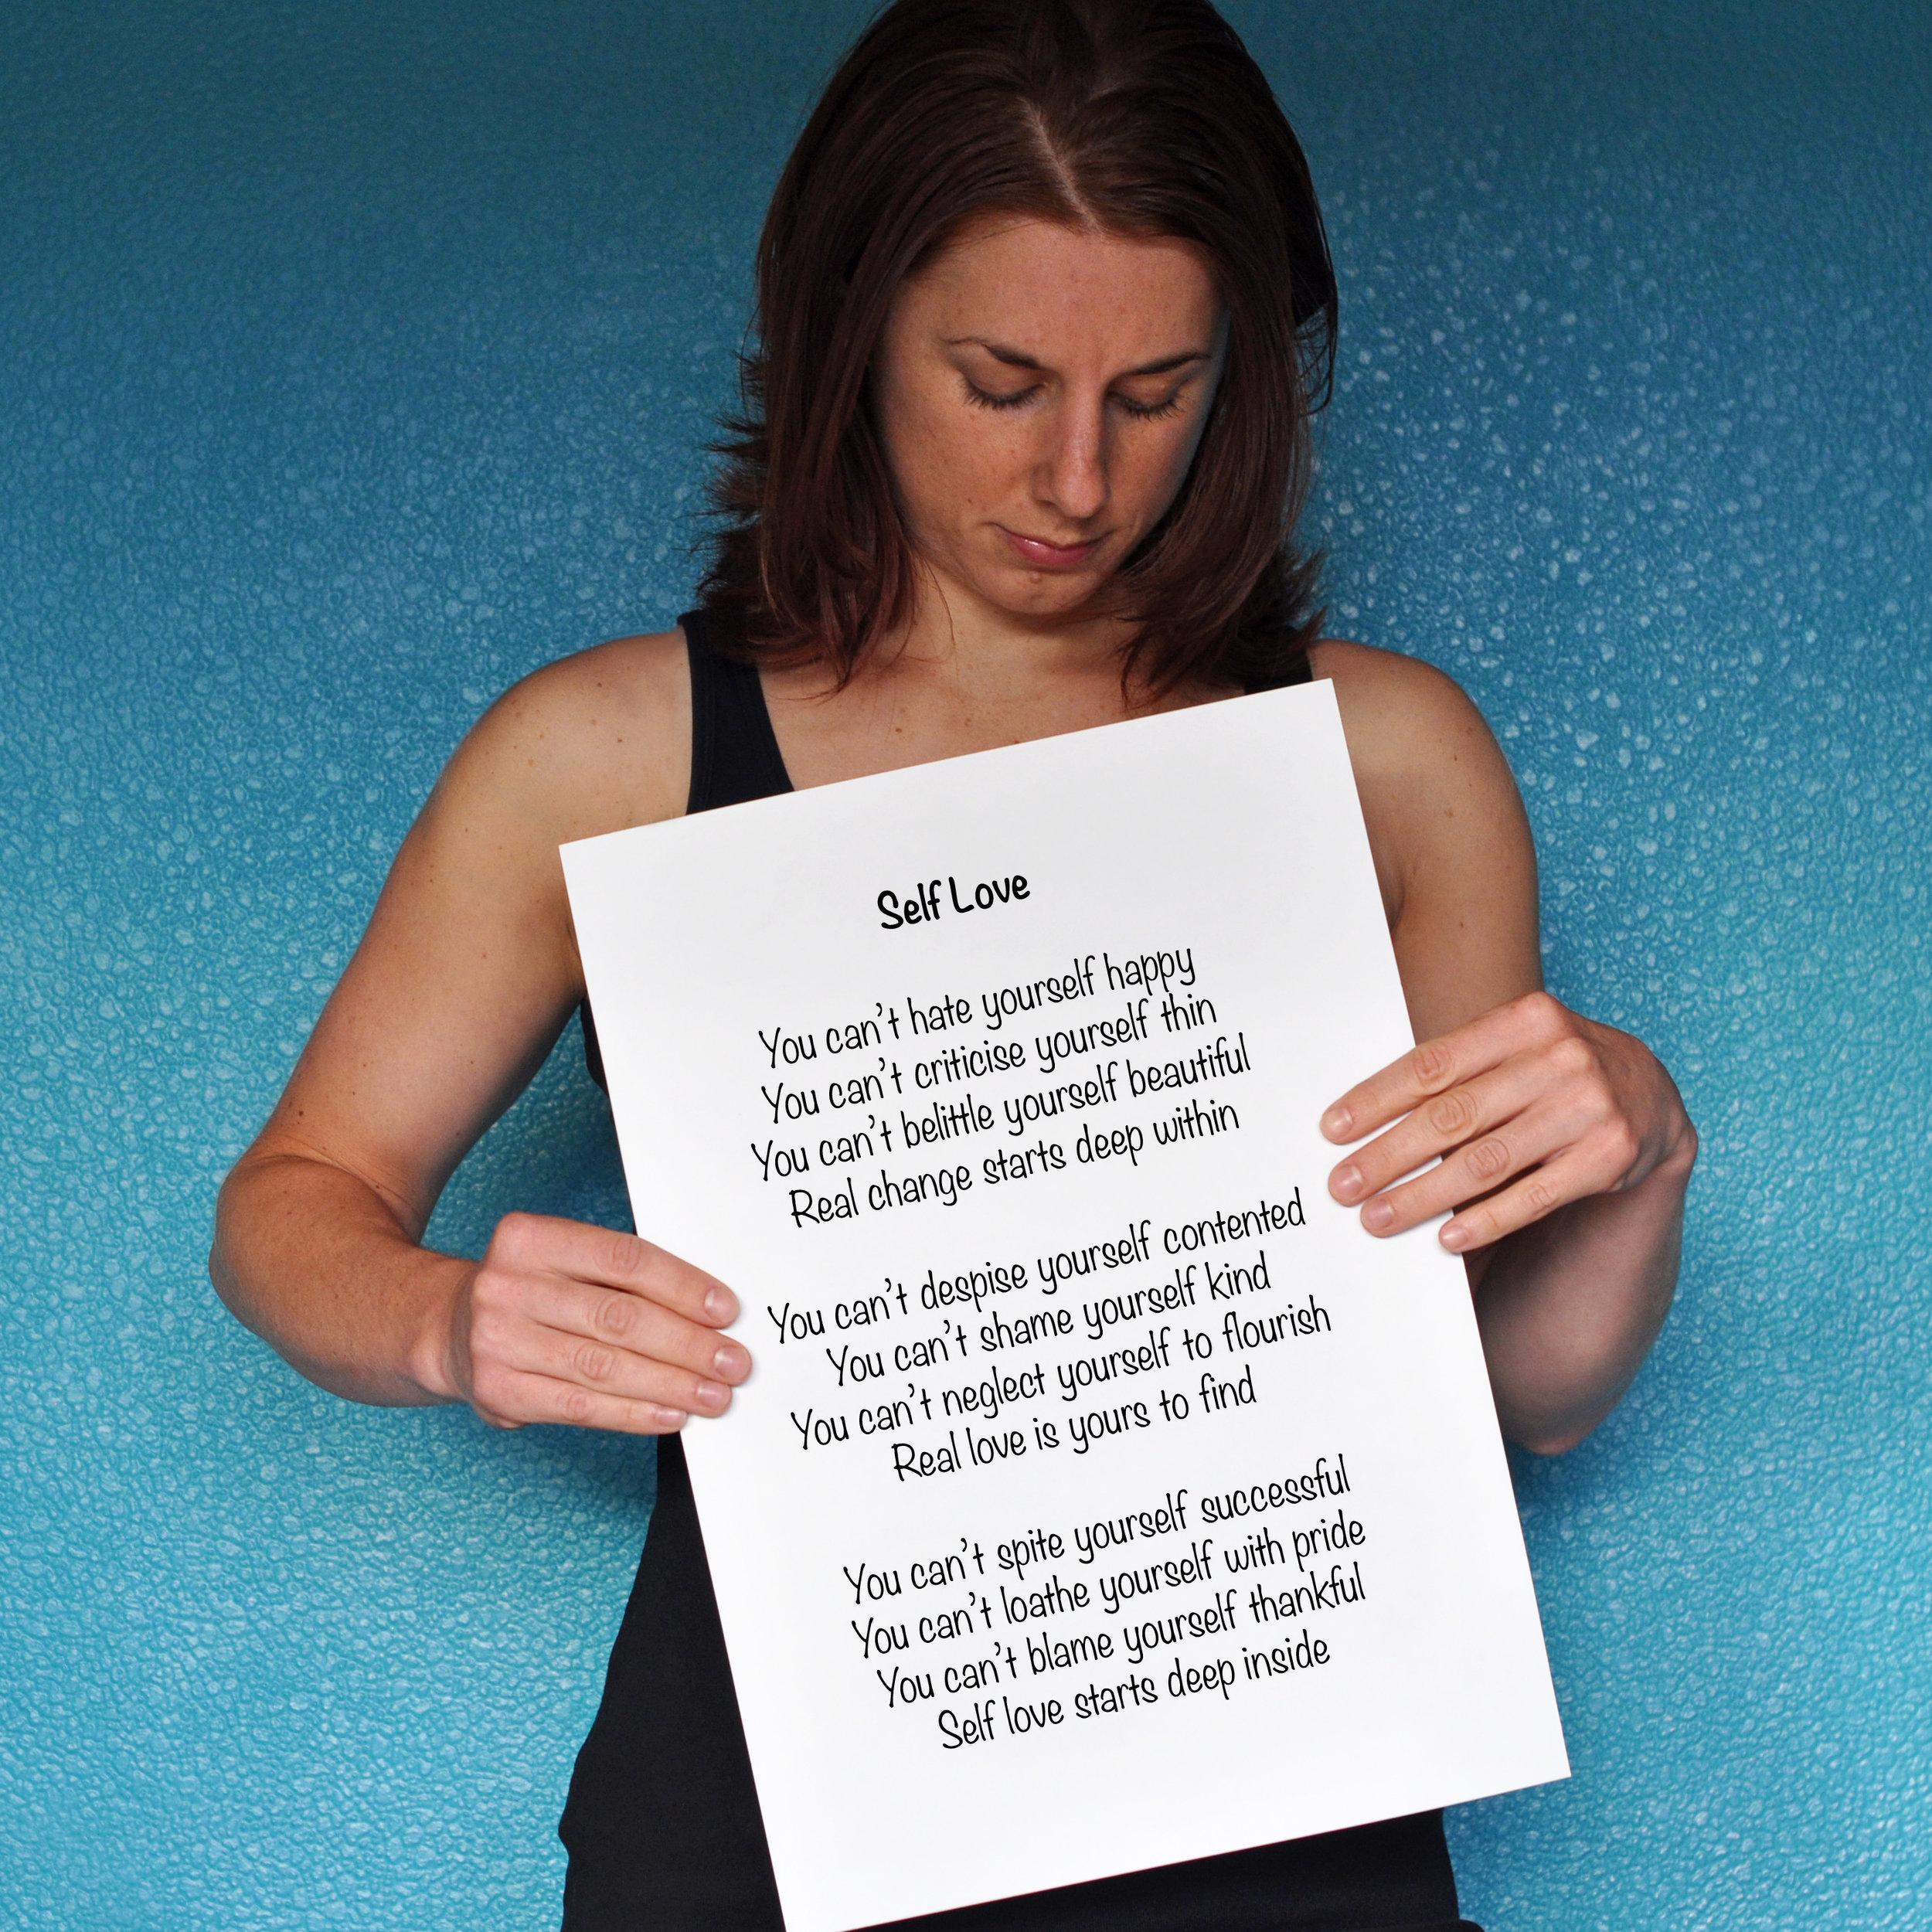 self love poem.jpg